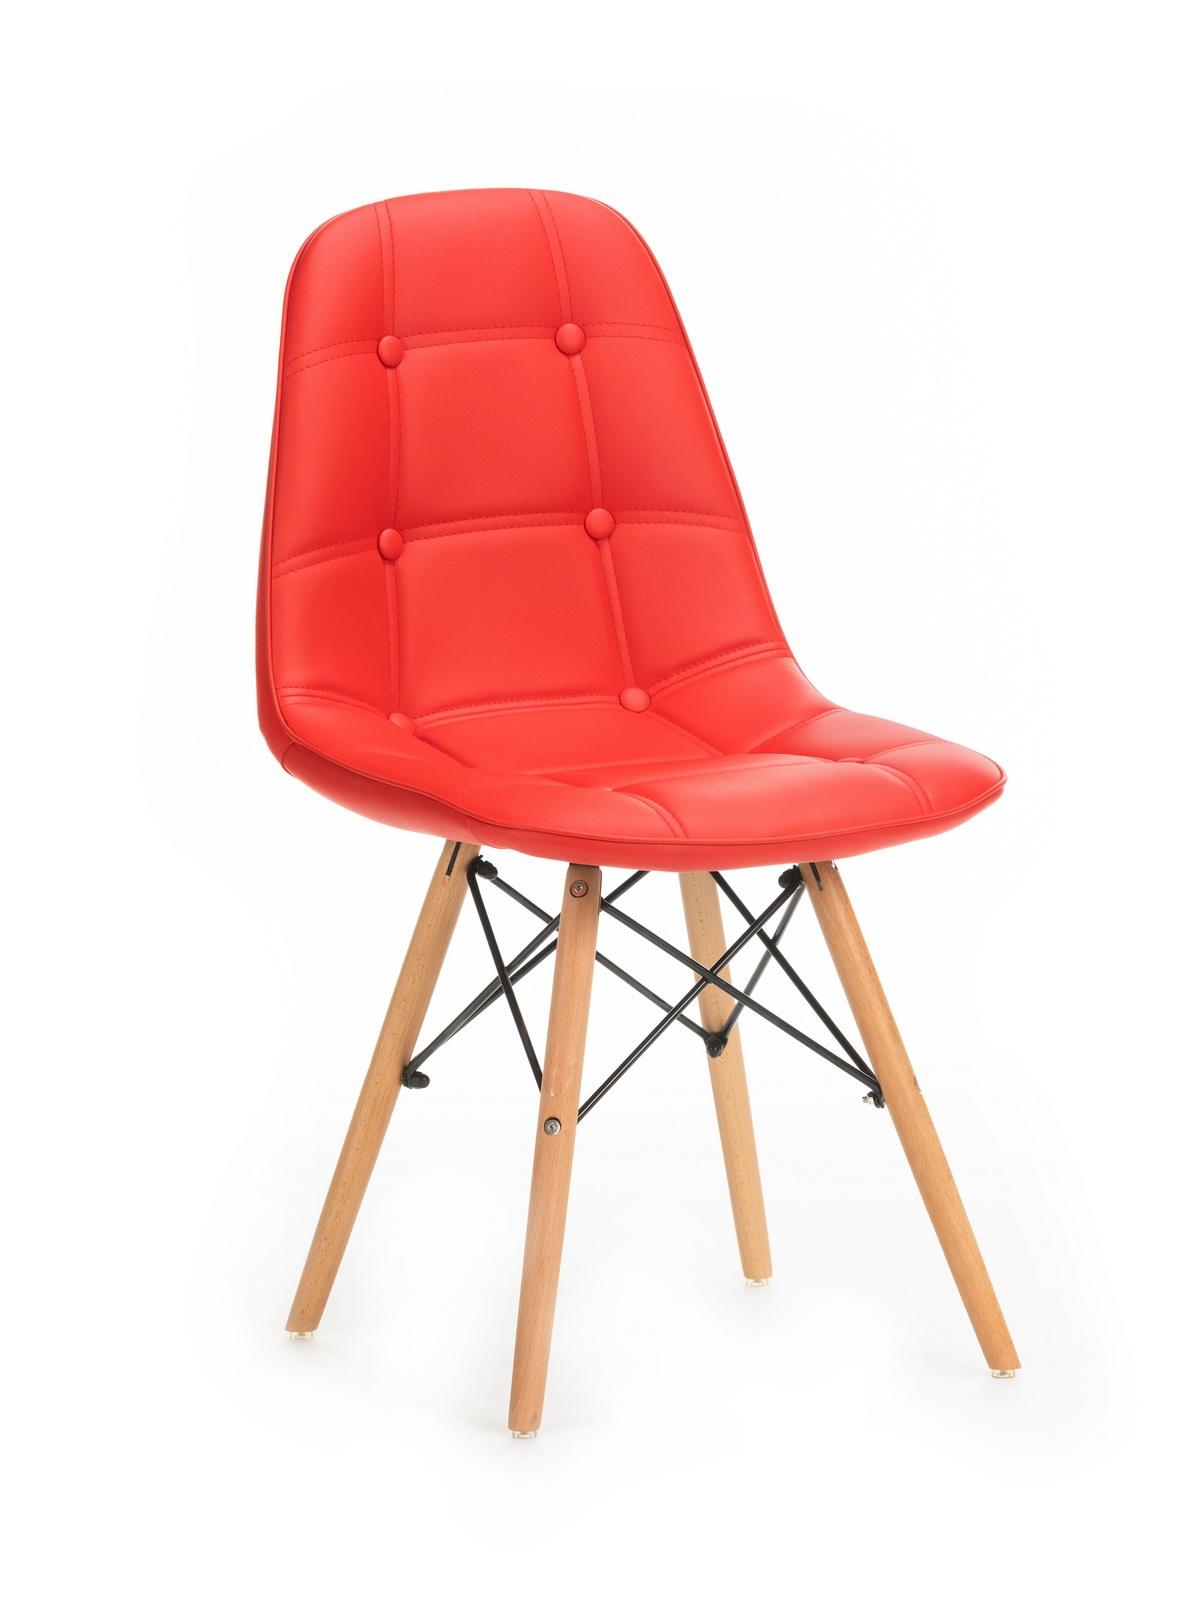 Scaun tapitat cu piele ecologica, cu picioare de lemn Stag Red, l55xA48xH83 cm